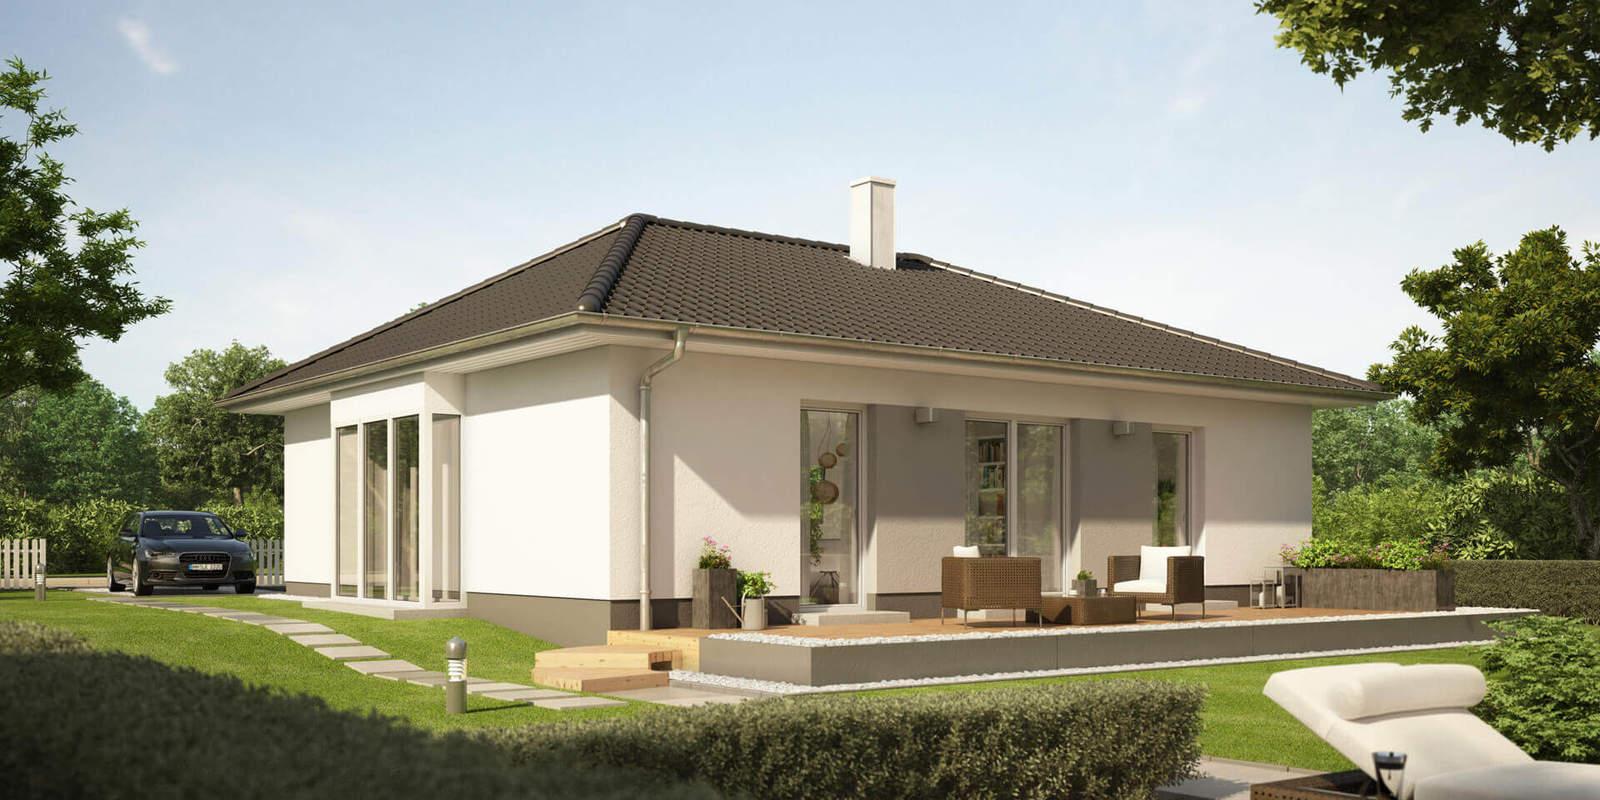 bungalow country c1 heinz von heiden. Black Bedroom Furniture Sets. Home Design Ideas